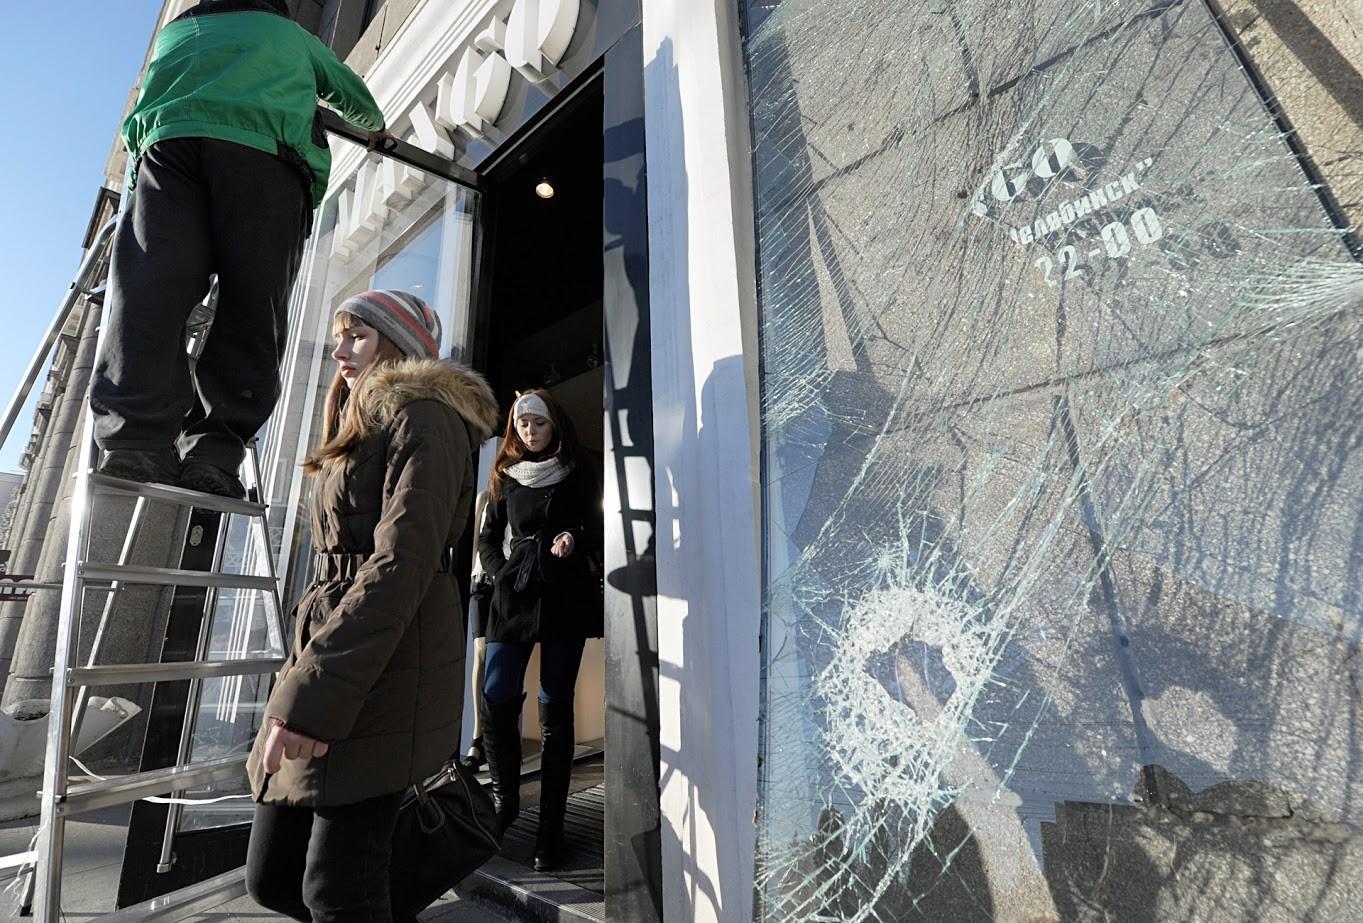 Popravljanje razbitega stekla pri trgovini, ki ga je povzročil udarni val ob eksploziji meteorita